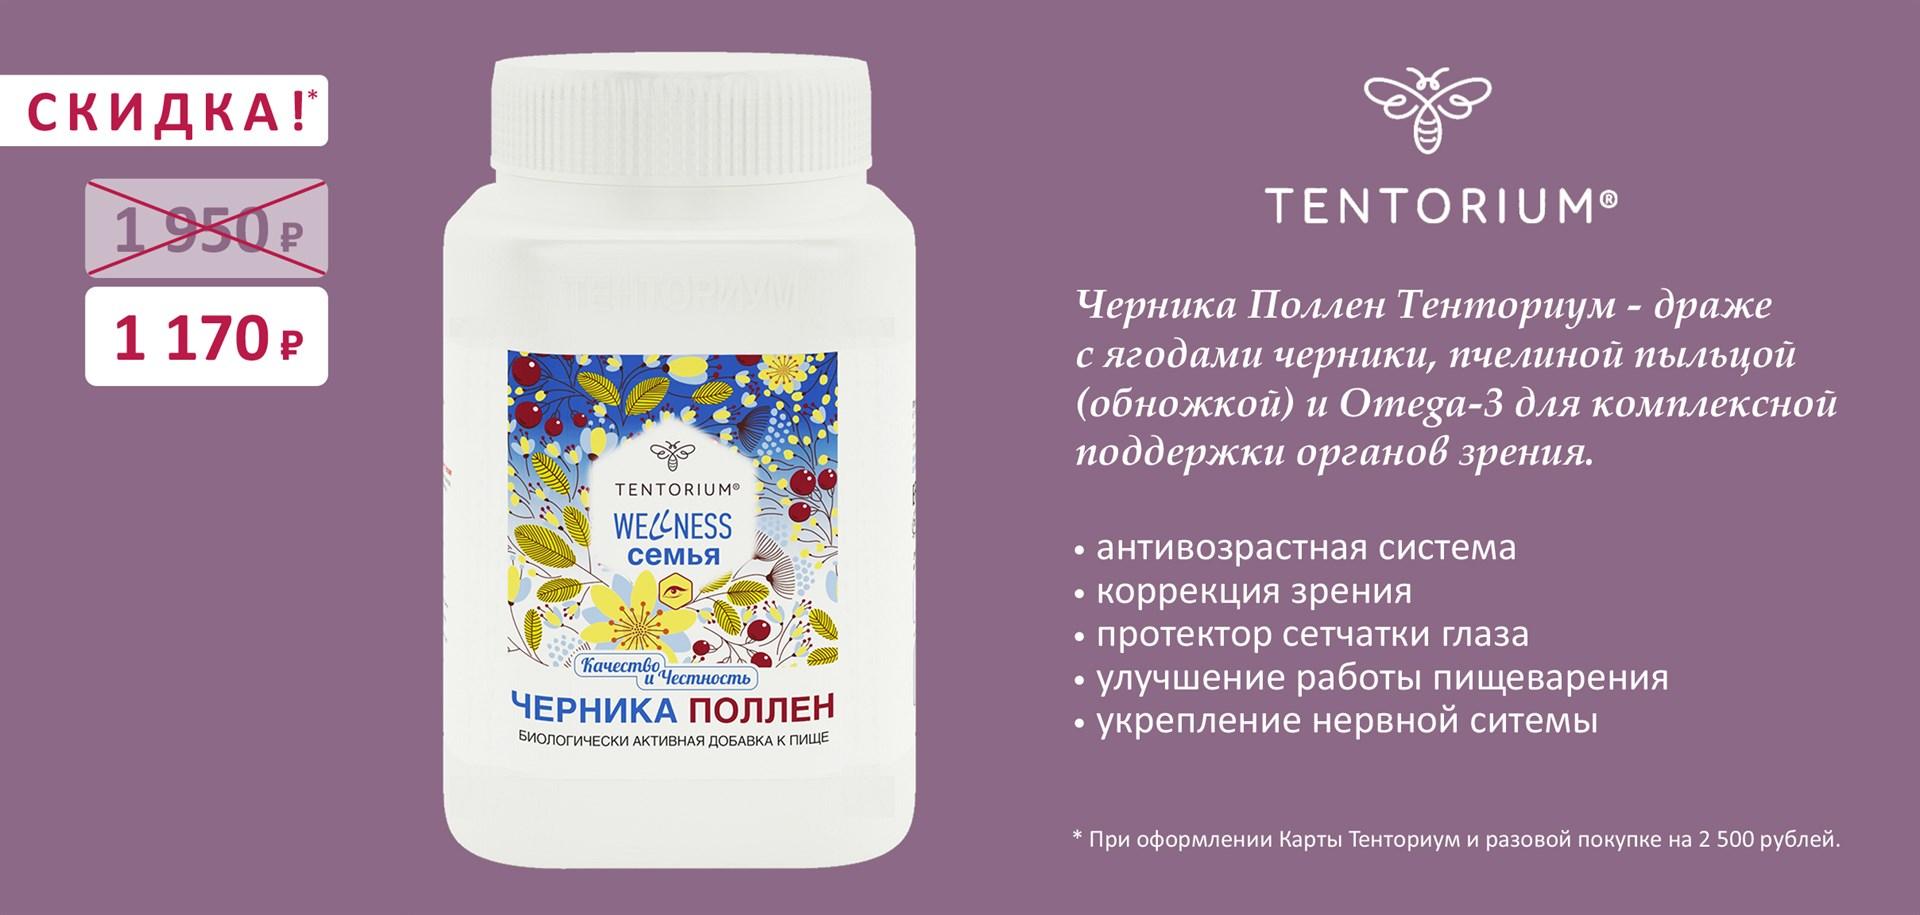 Черника Поллен ТЕНТОРИУМ купить со скидкой официальный магазин TENTORIUM